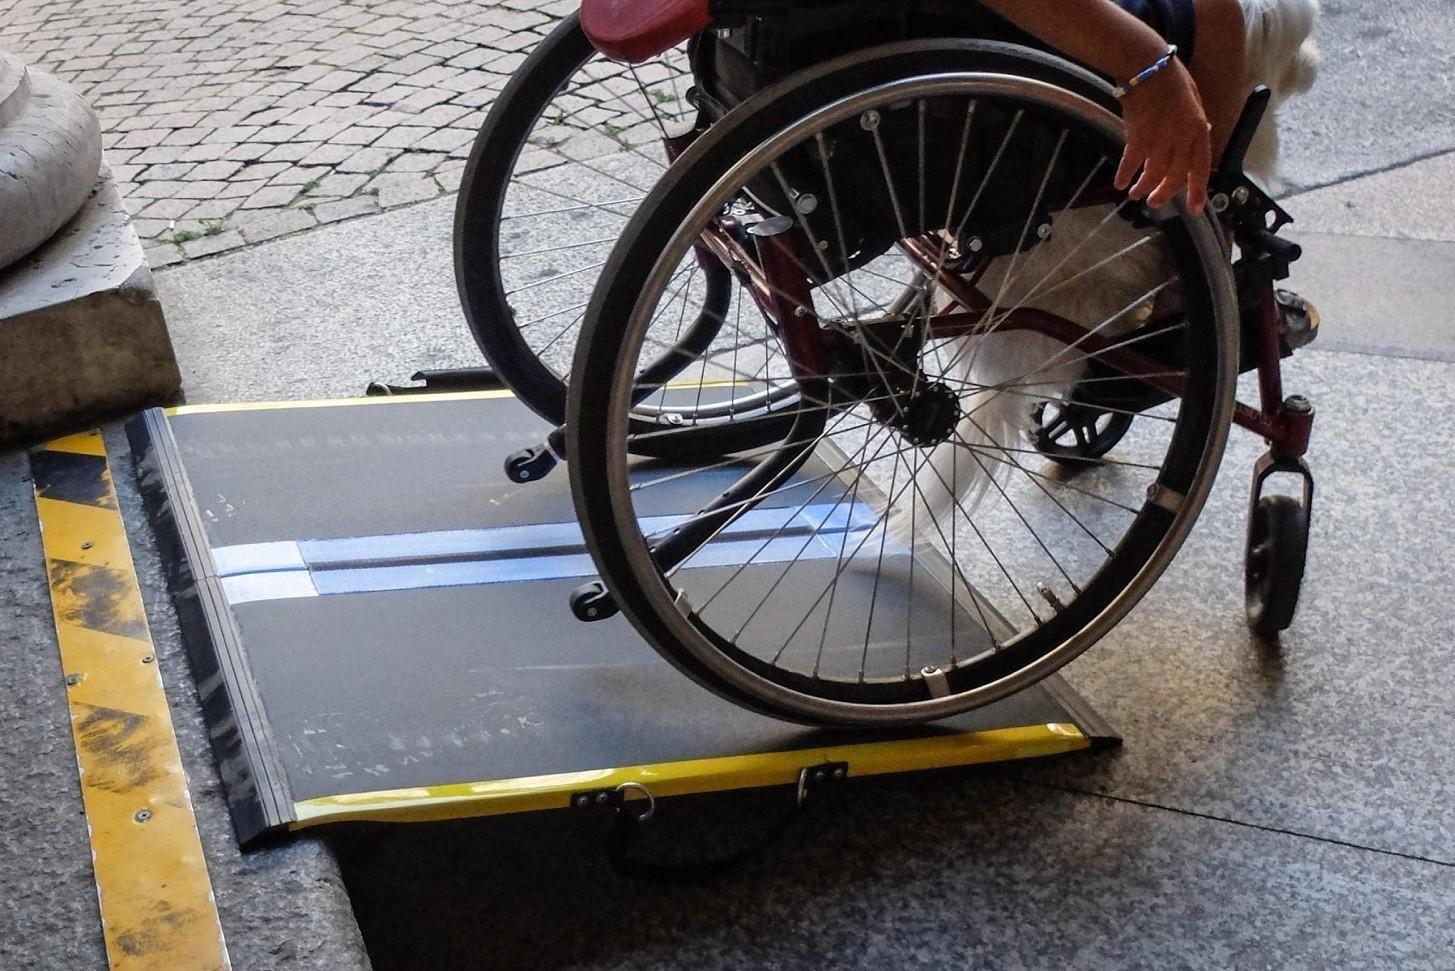 Disabili, aiuti economici 2019 e agevolazioni fiscali. Lista aggiornata